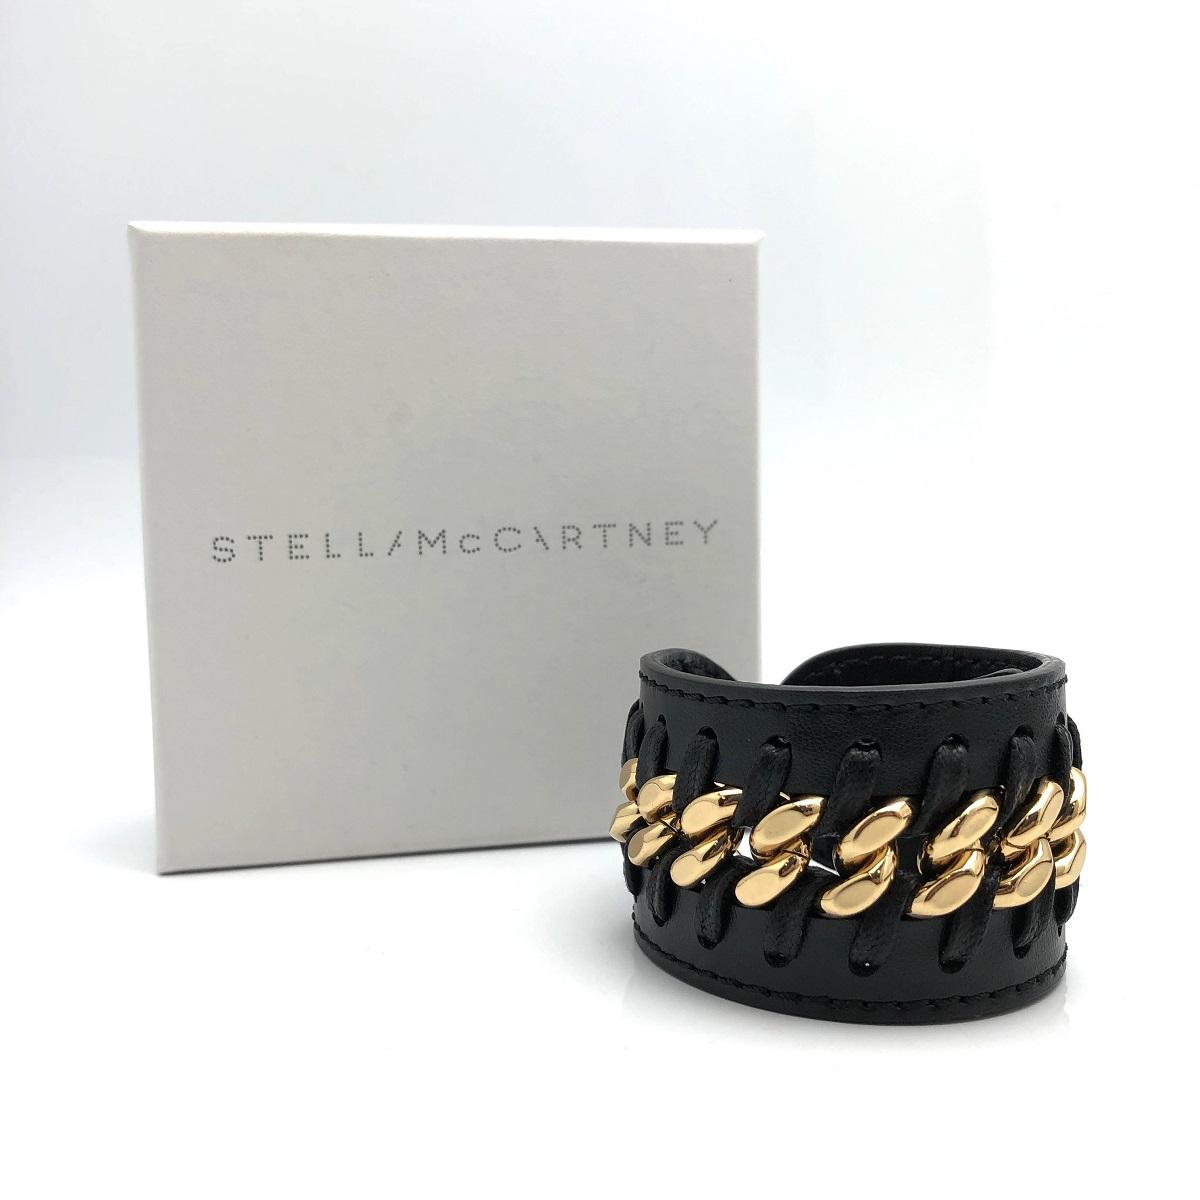 STELLA McCARTNEY ステラマッカートニー ブレスレット レザー ブラック×ゴールド 黒 Sサイズ 美品 【トレジャースポット】【中古】